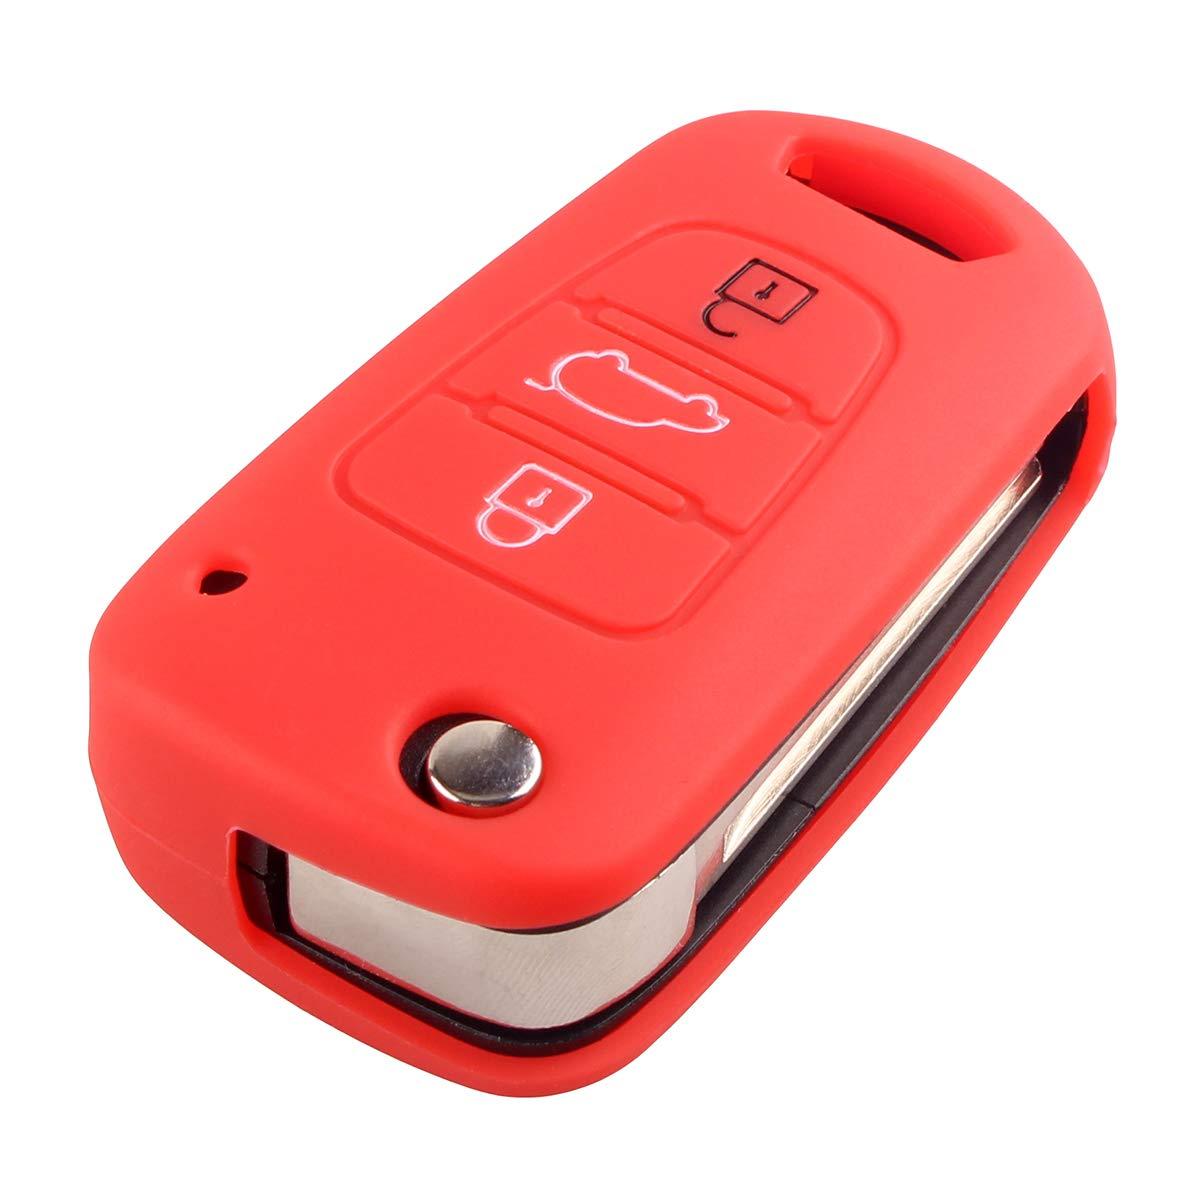 da attaccare al taschino per Hyundai i20 i30 IX20 IX35 Elantra Accent Chiave a 3 tasti-Flip Cover custodia protettiva in Silicone